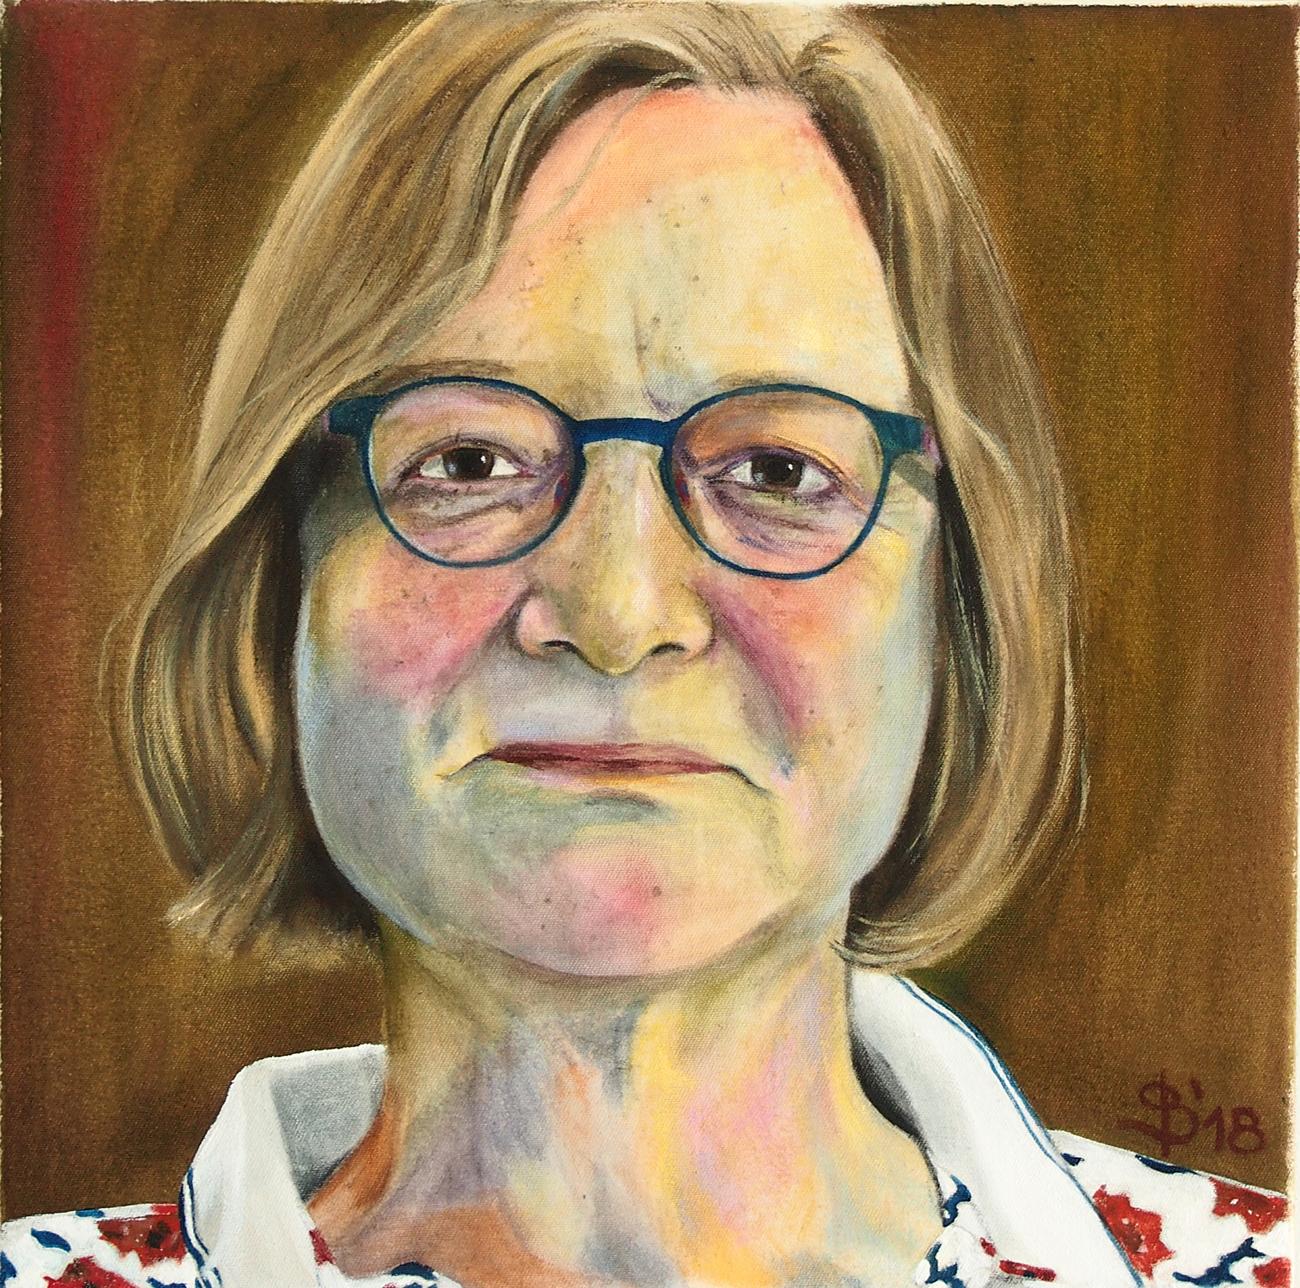 Frauenportrait gemalt von Stephanie Bahrke